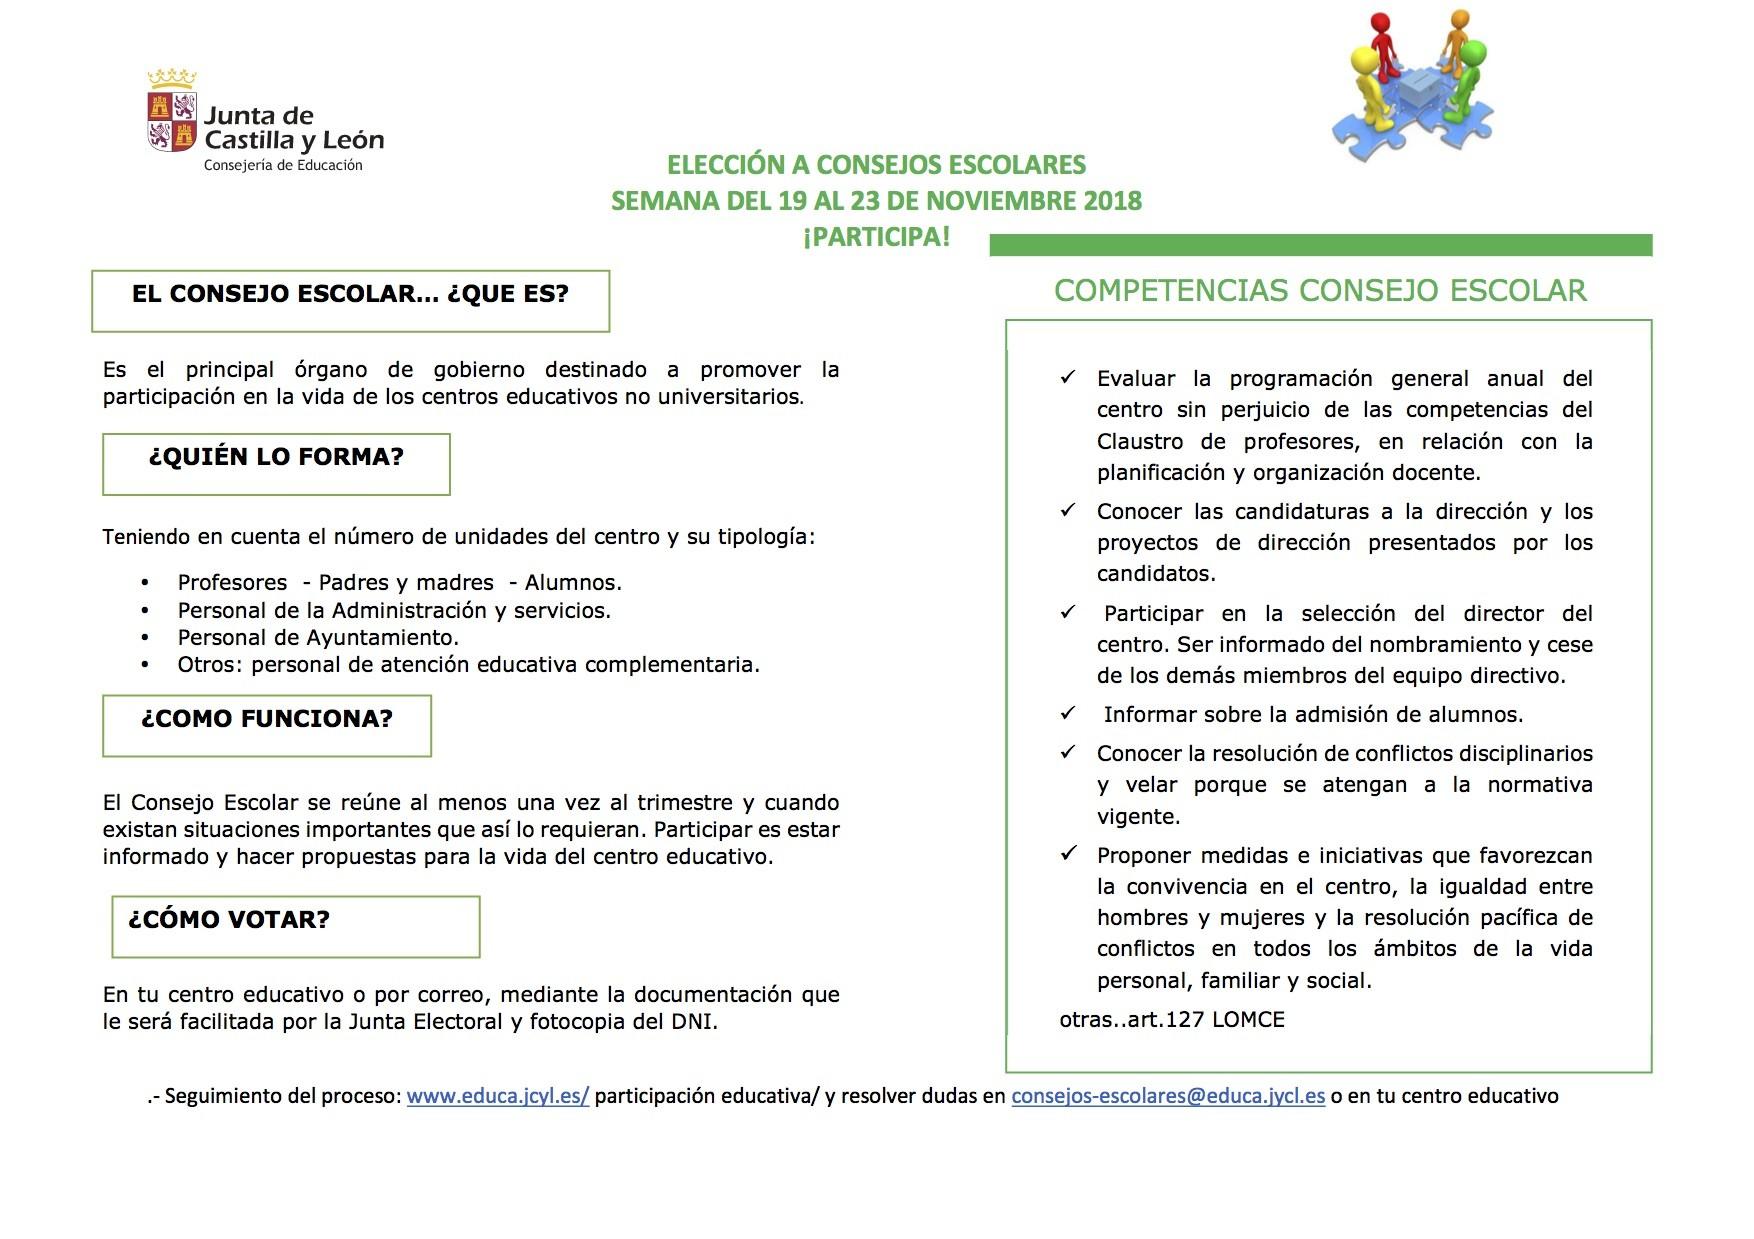 Calendario Escolar 2018 Y 2019 andalucia Más Recientemente Liberado Ieso De La Pola De Gord³n